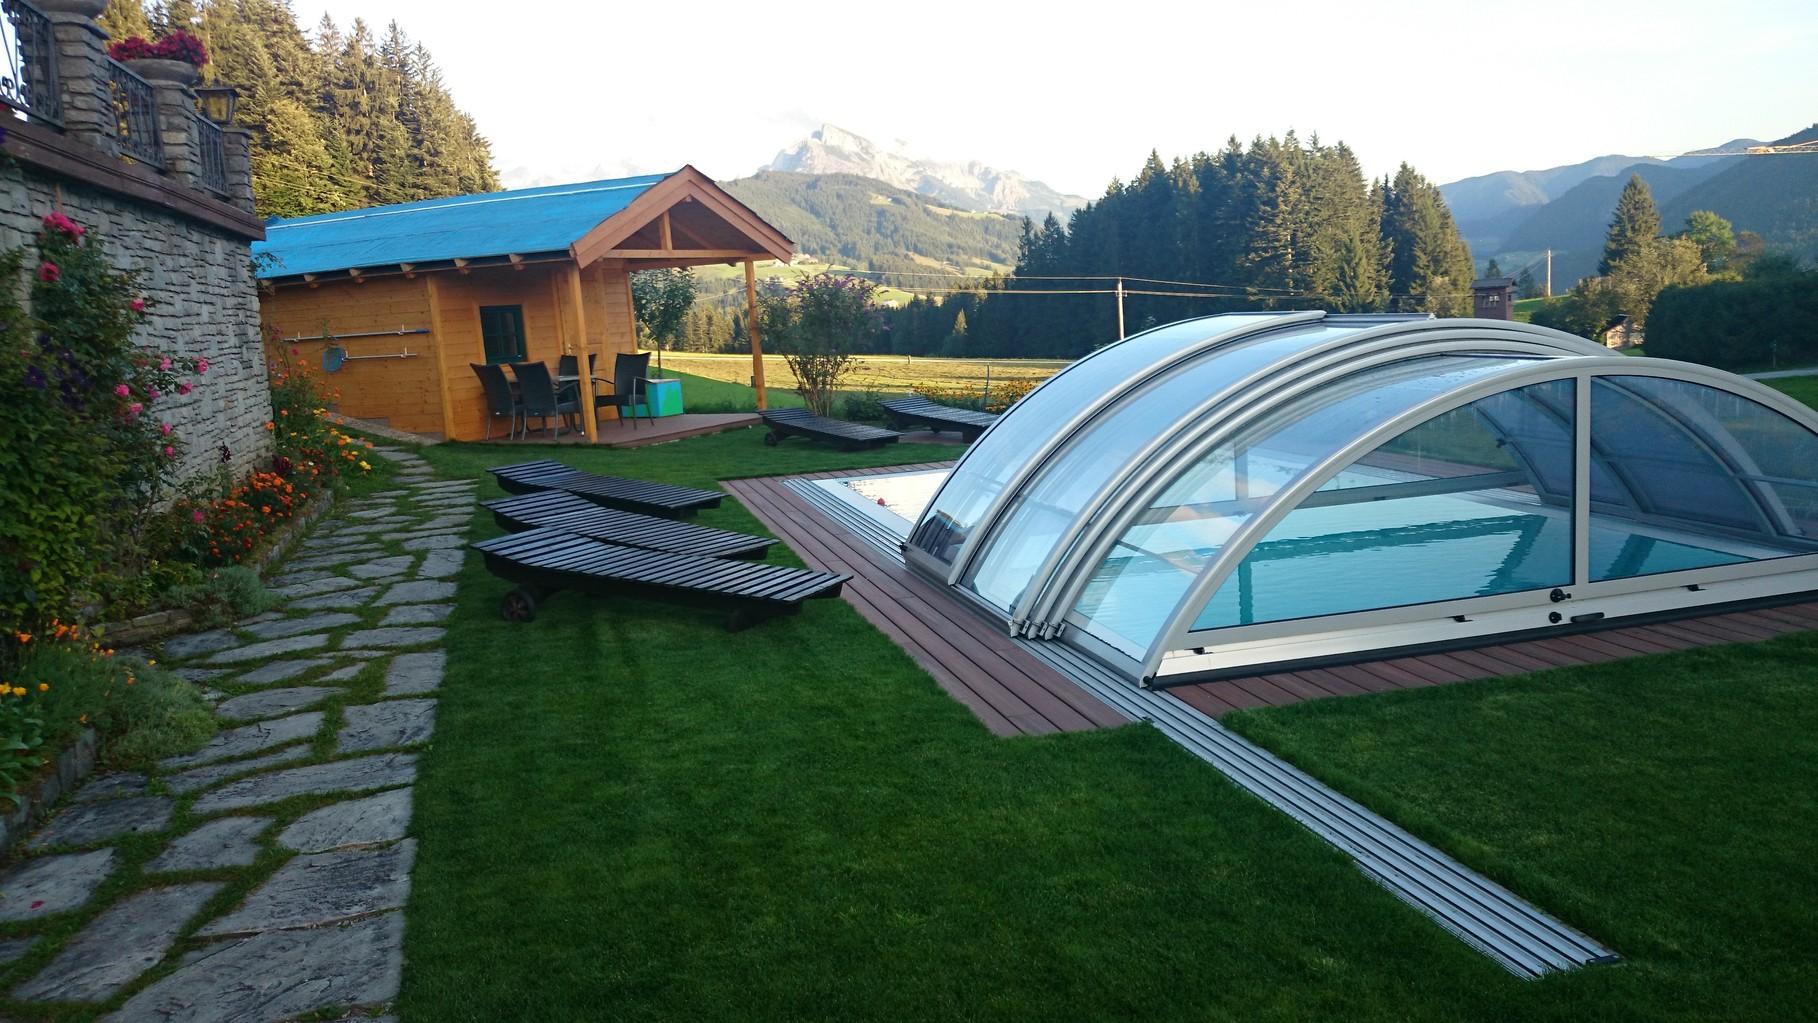 Biohof Haus Wieser, Abtenau, Salzburg Land, Schwimmbad mit Abdeckung